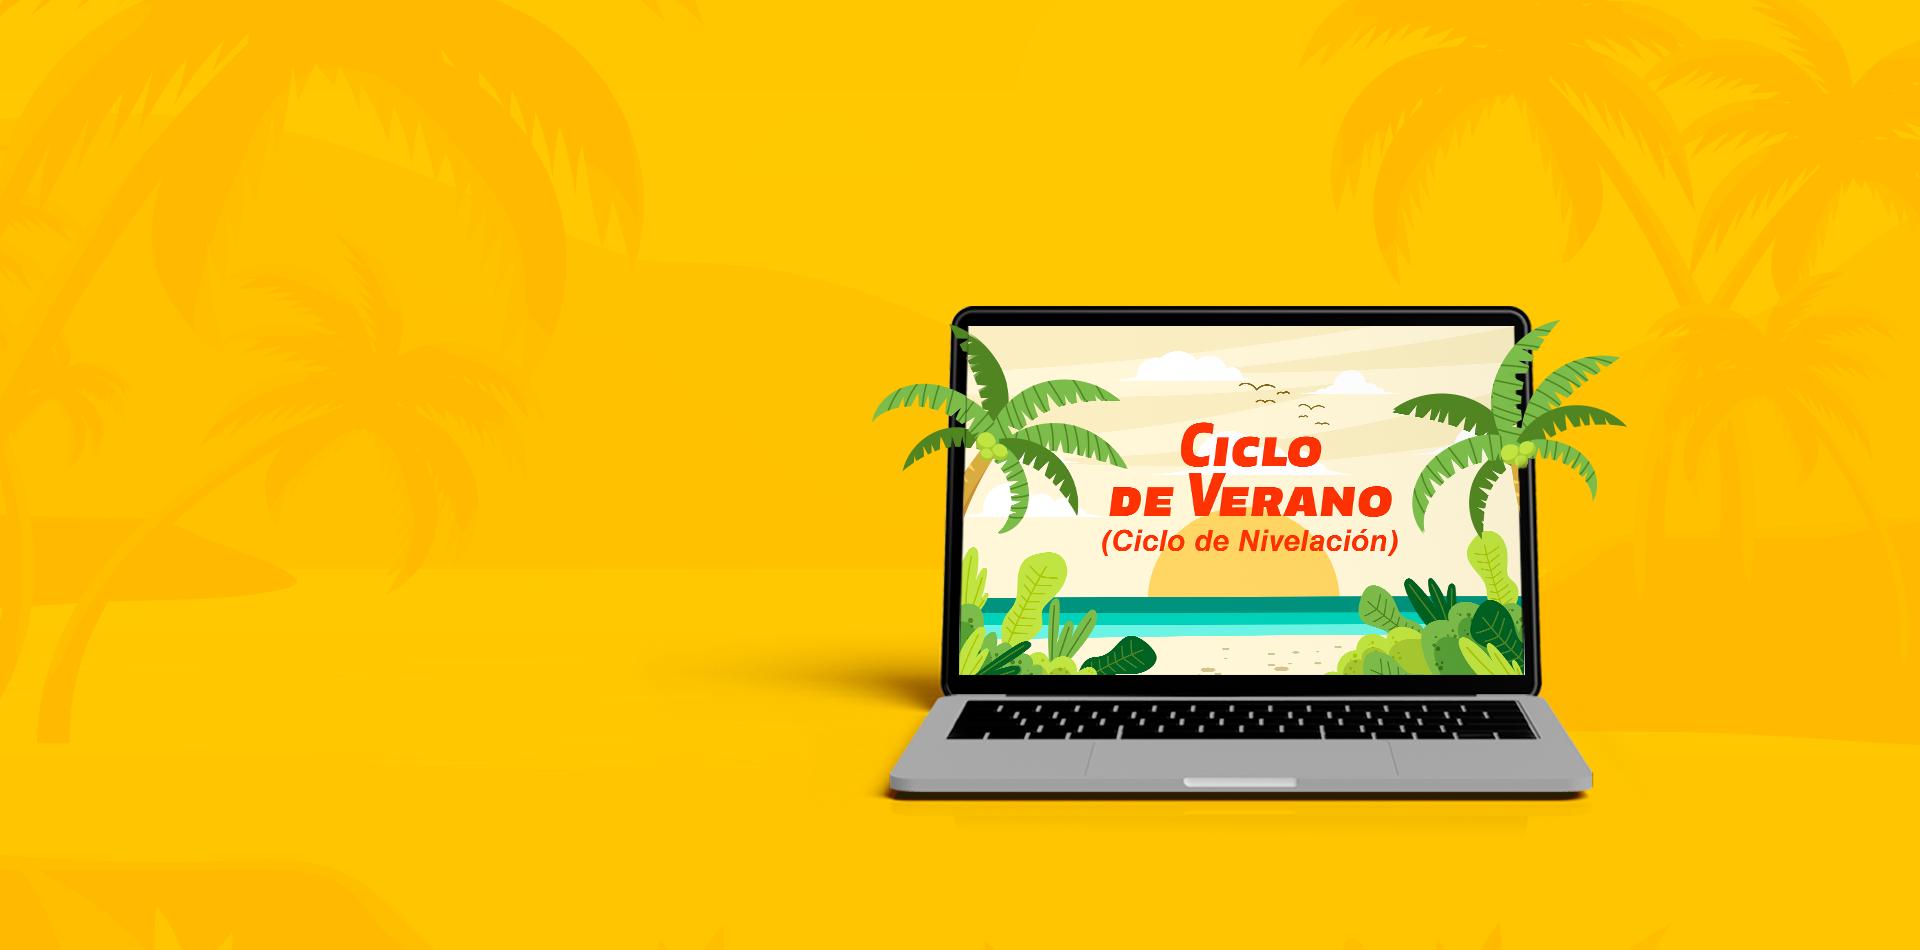 2_11_20_LITS_Banner-home-ciclo-verano-traduccion-(Desktop)_V1